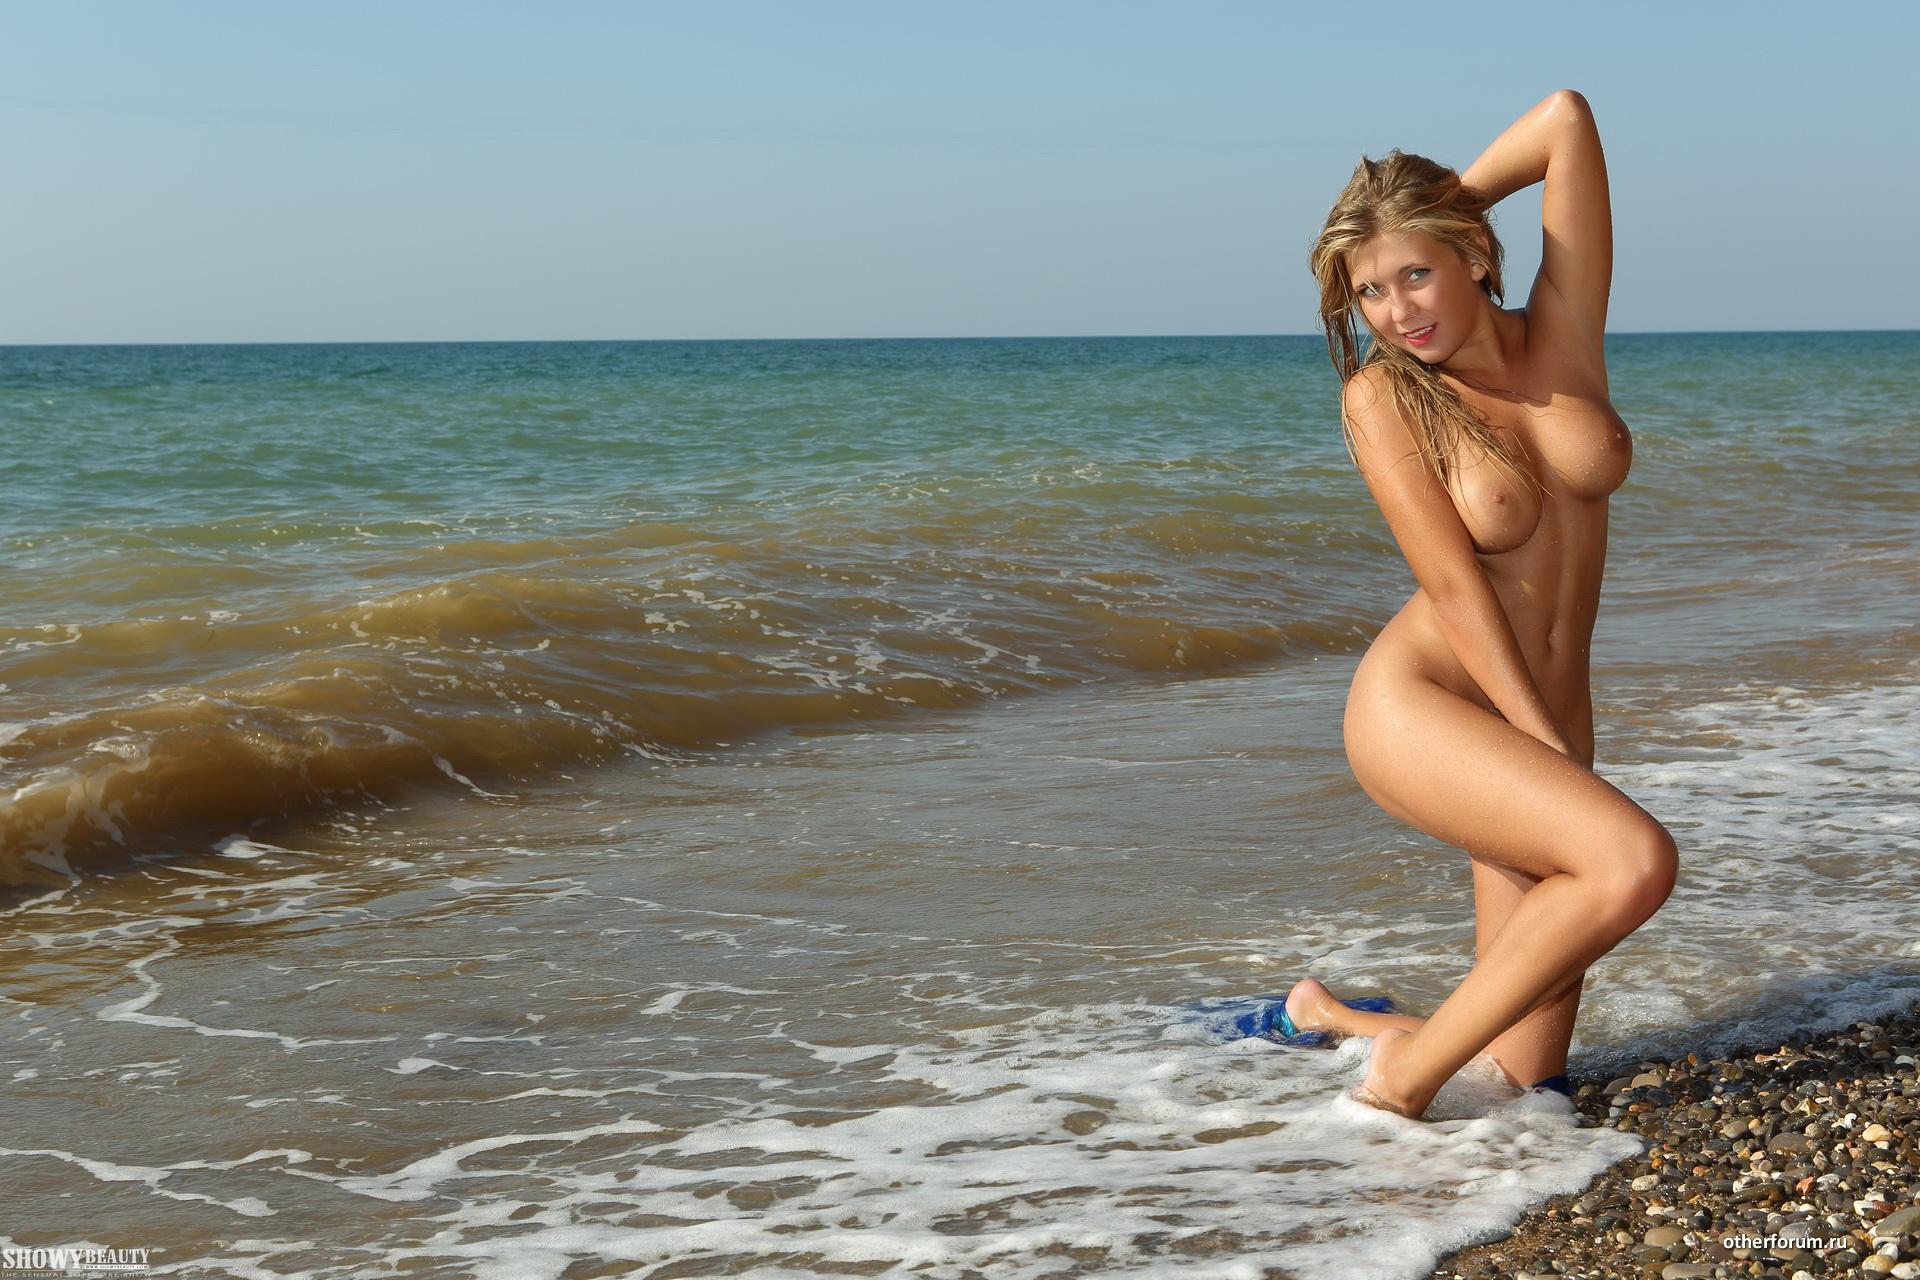 Развратные пляжи мира, Самые развратные пляжи нудистов в мире назвало cnn 3 фотография